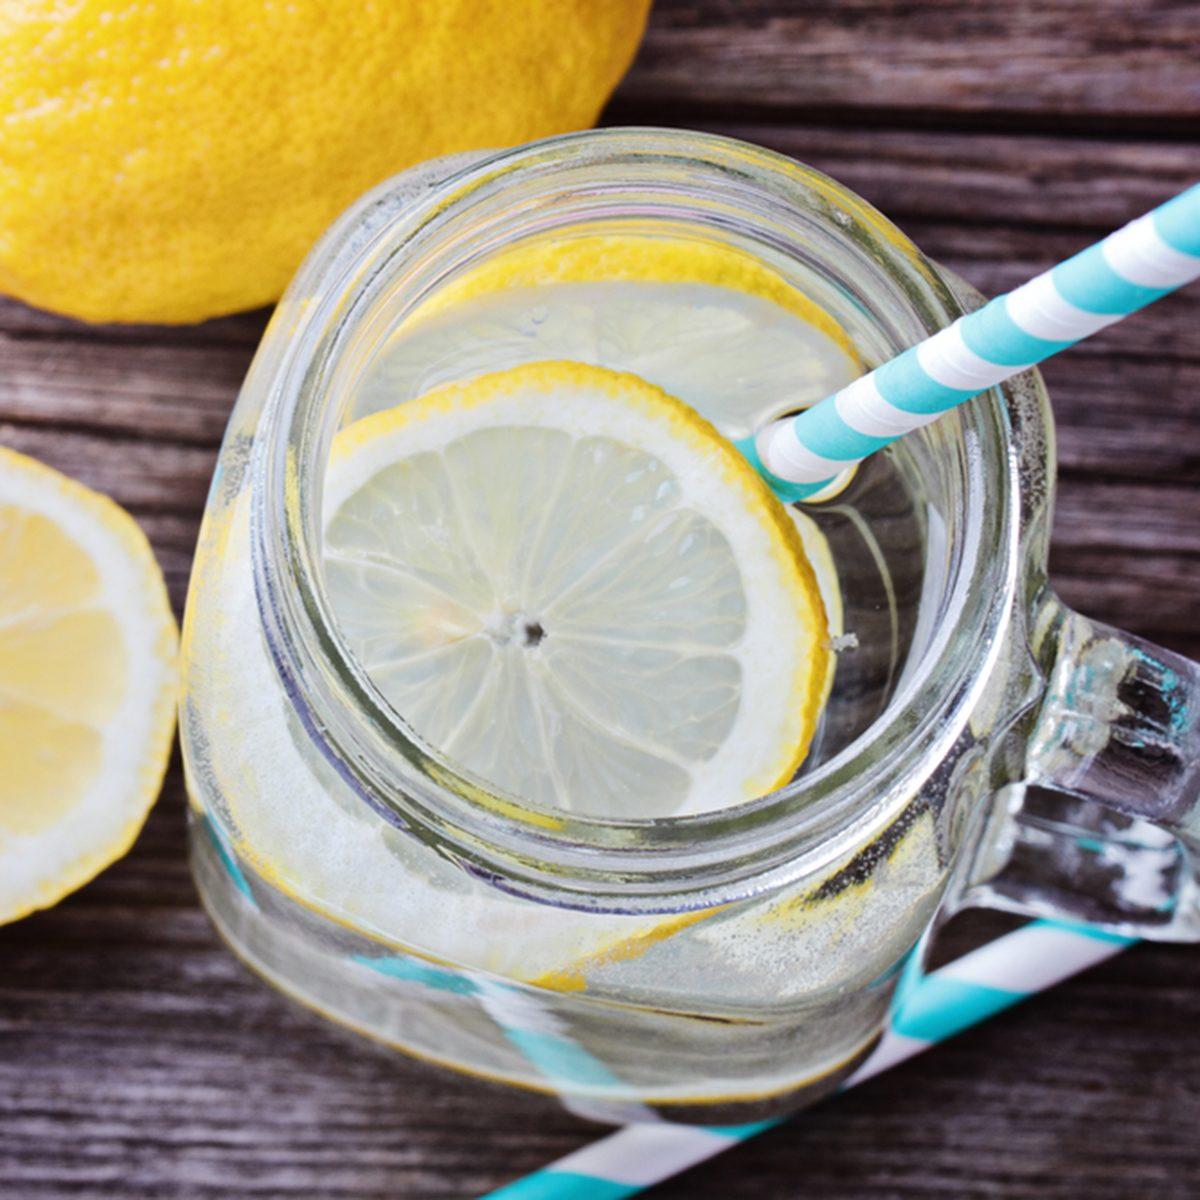 Lemon water top view